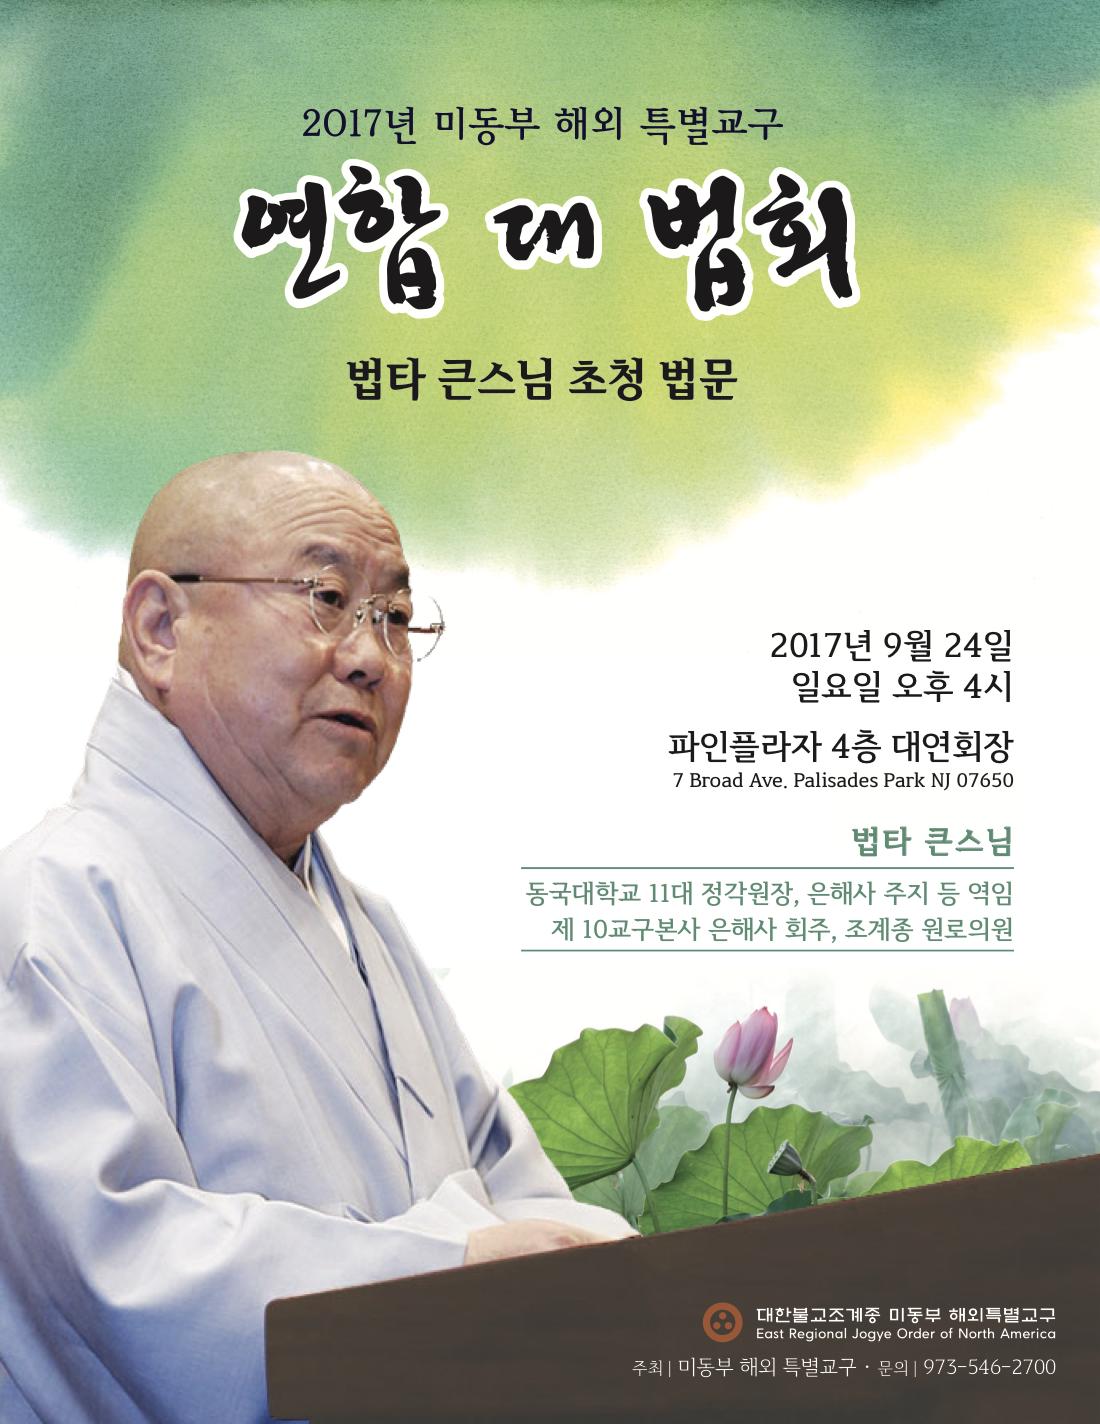 연합대법회-법타 큰스님 초청 법문 - Sunday, September 24th, 2017 at 4PM